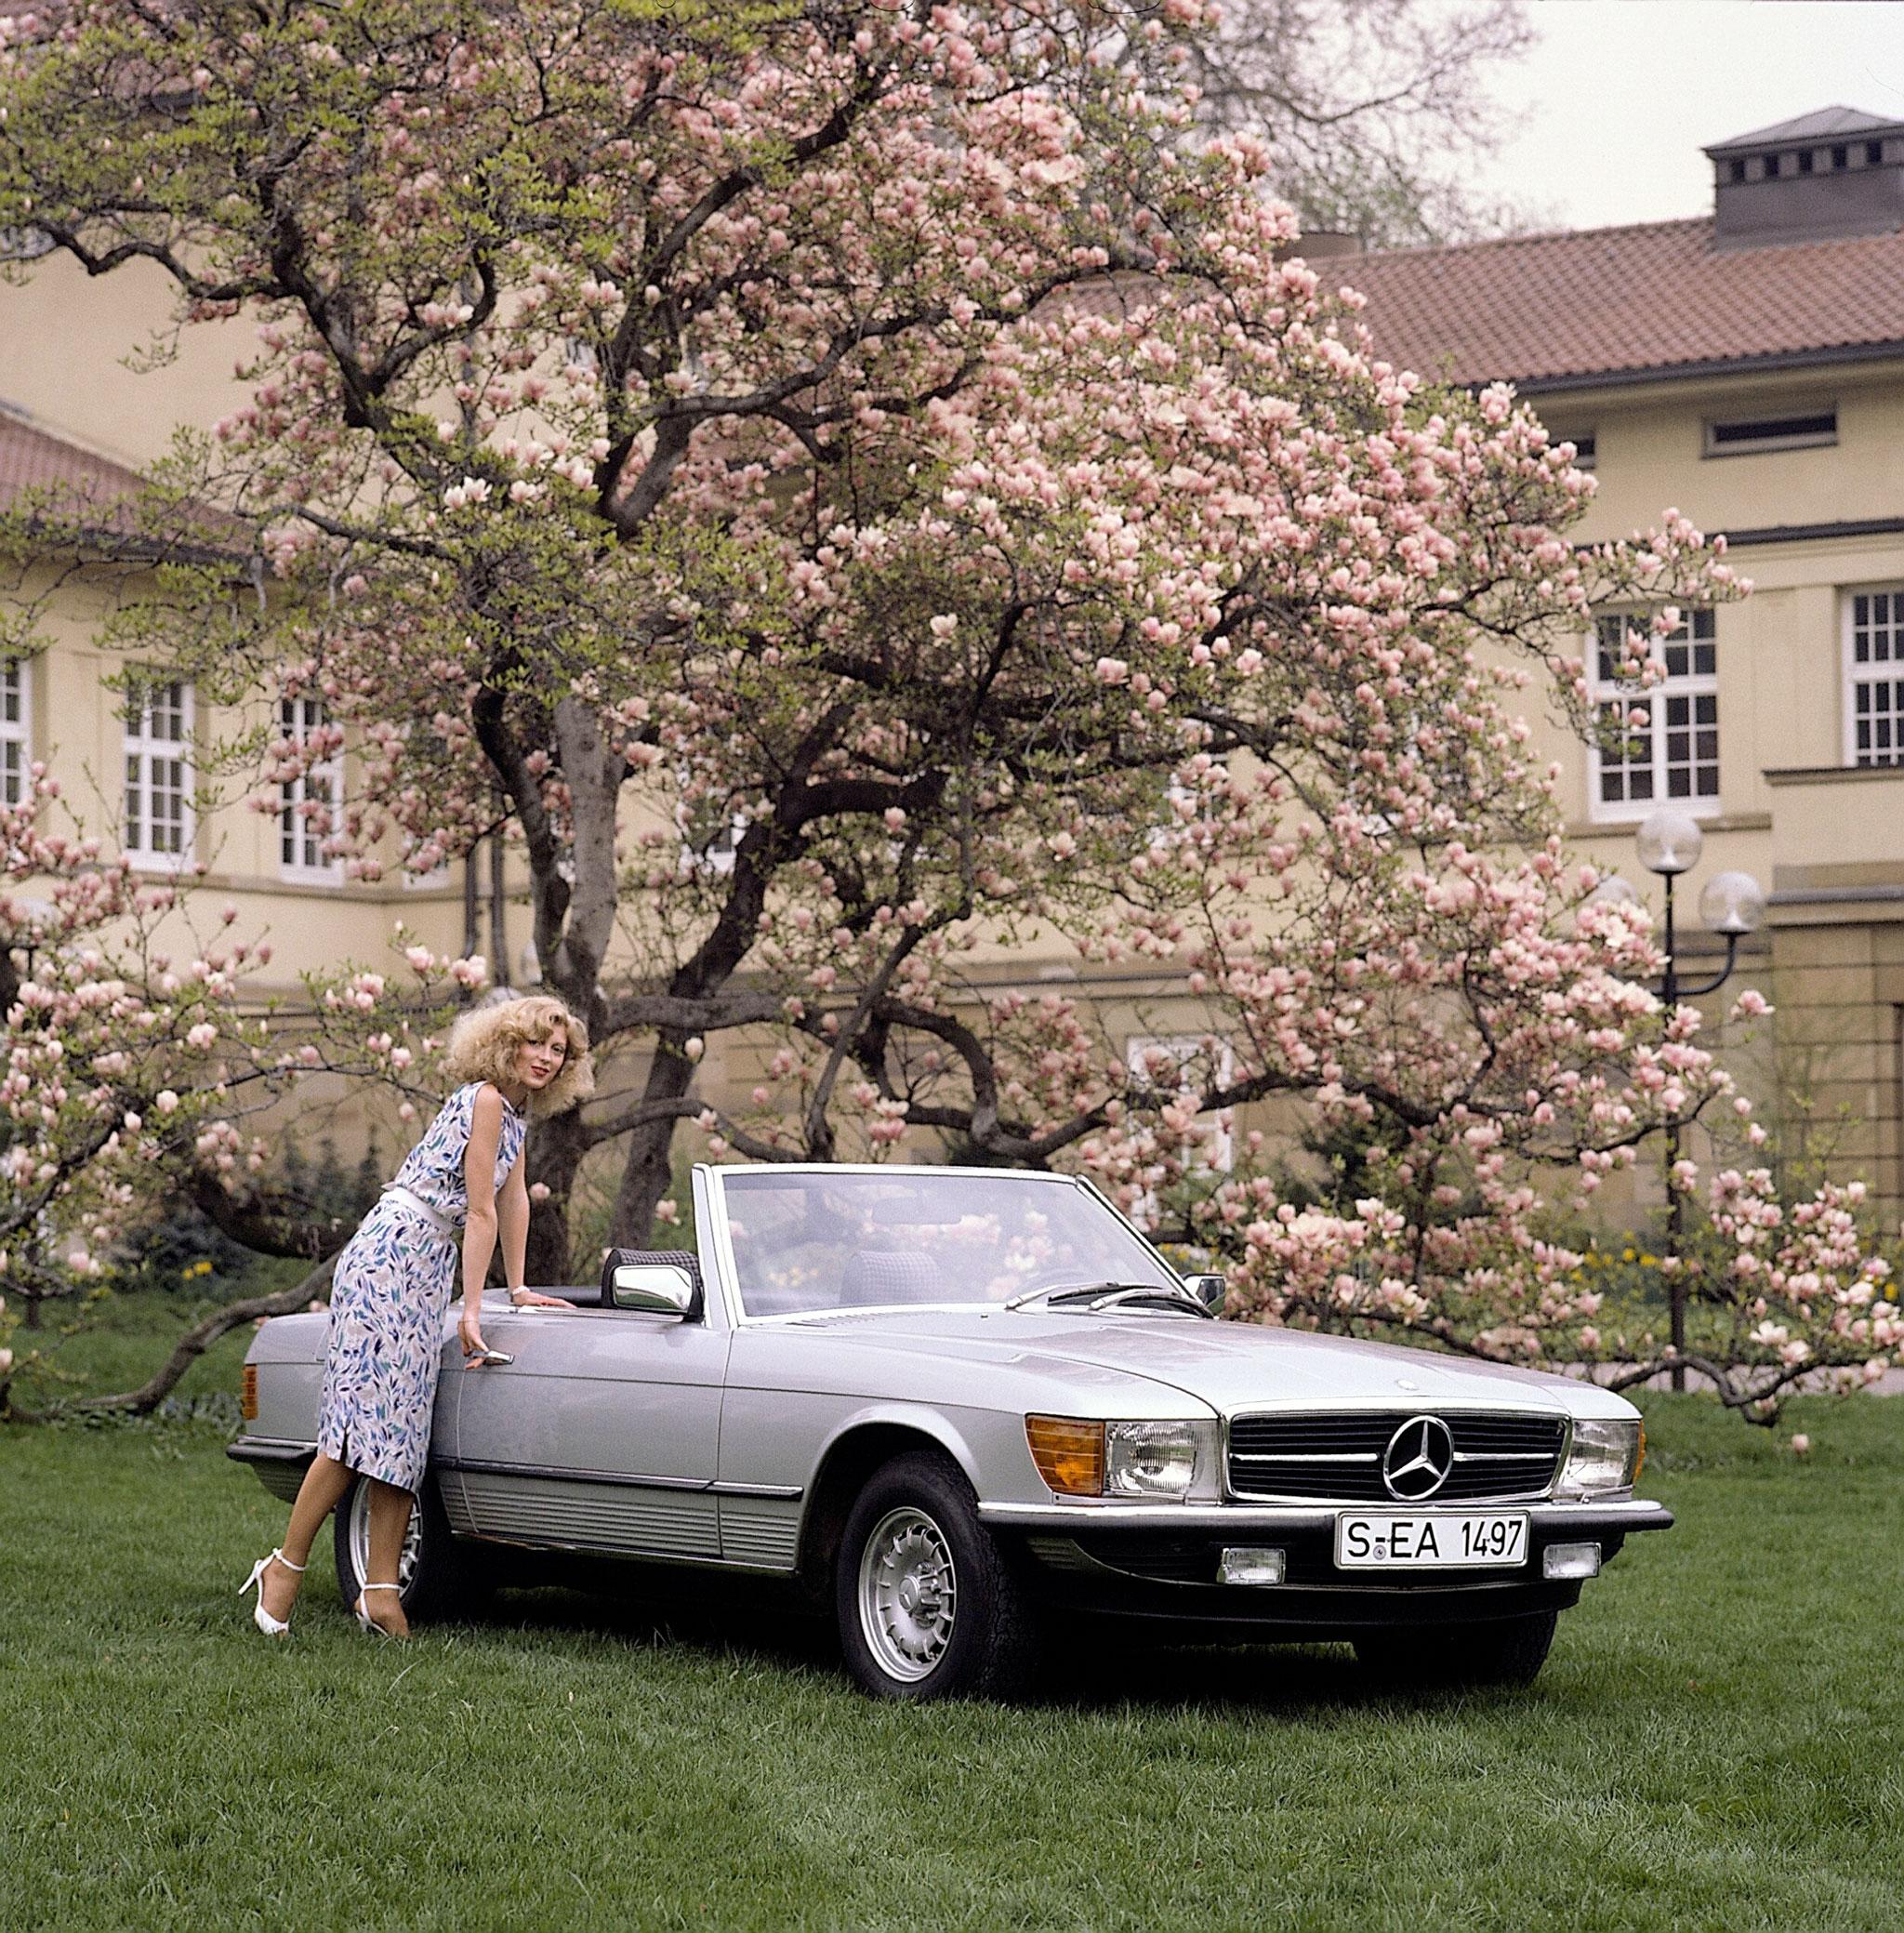 1971-1989 Mercedes-Benz SL R 107 phares horizontaux et non plus verticaux.